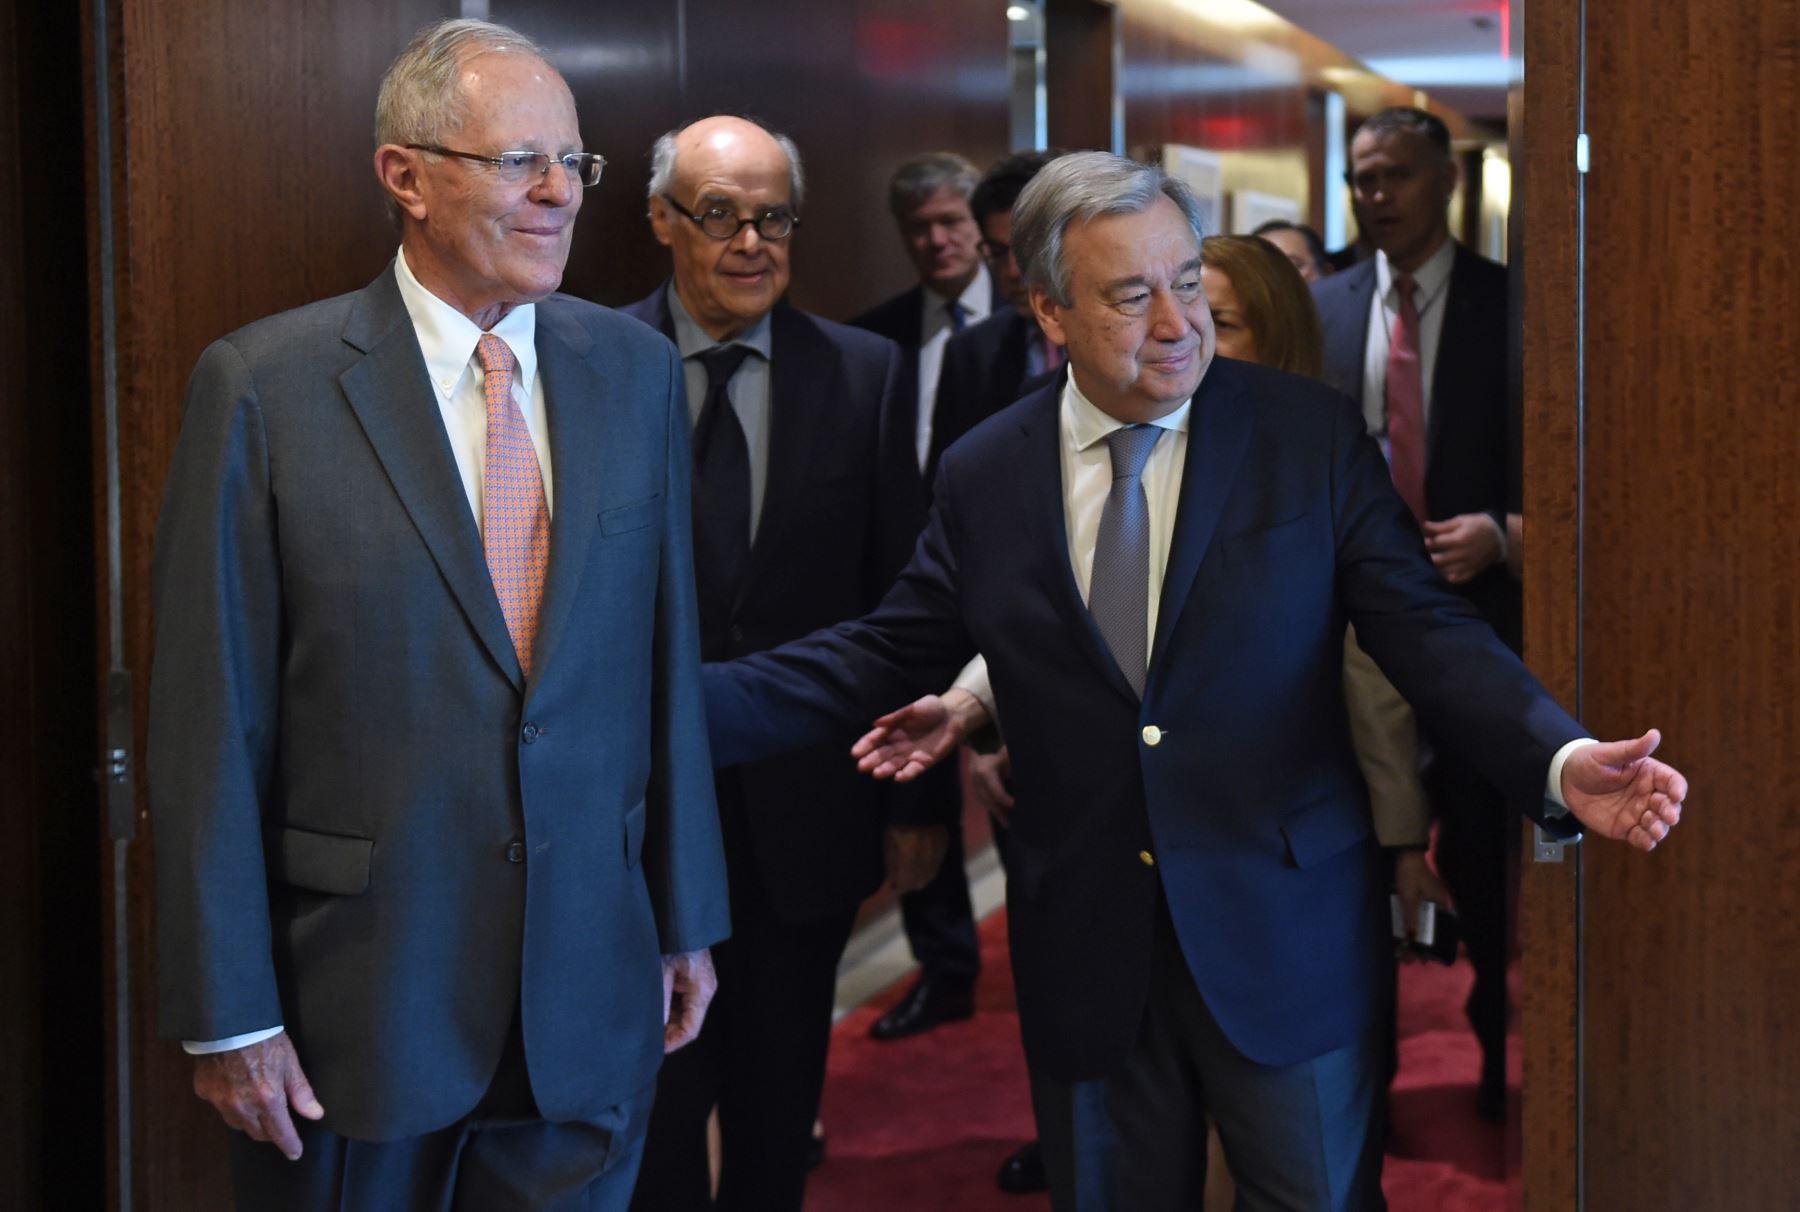 El Presidente Pedro Pablo Kuczynski se reúne con el Secretario General de la ONU, António Guterres, en la sede central de dicho organismo internacional, en Nueva York, Estados Unidos.Foto: AFP